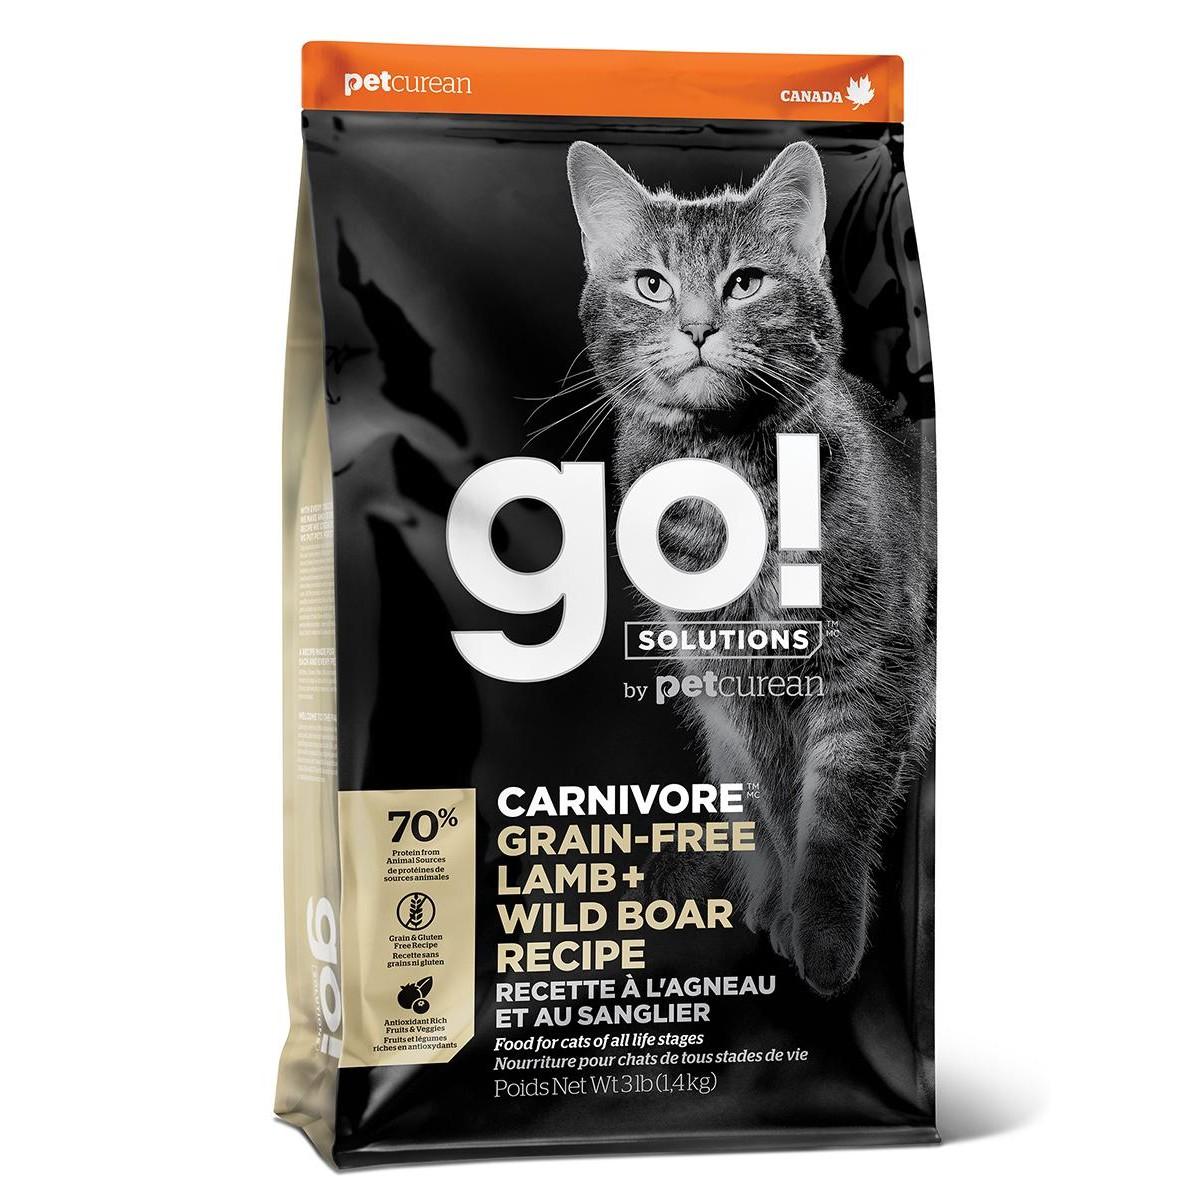 Сухой корм для котят и кошек GO! Natural Holistic беззерновой Ягненок мясо Дикого кабана 726 кг